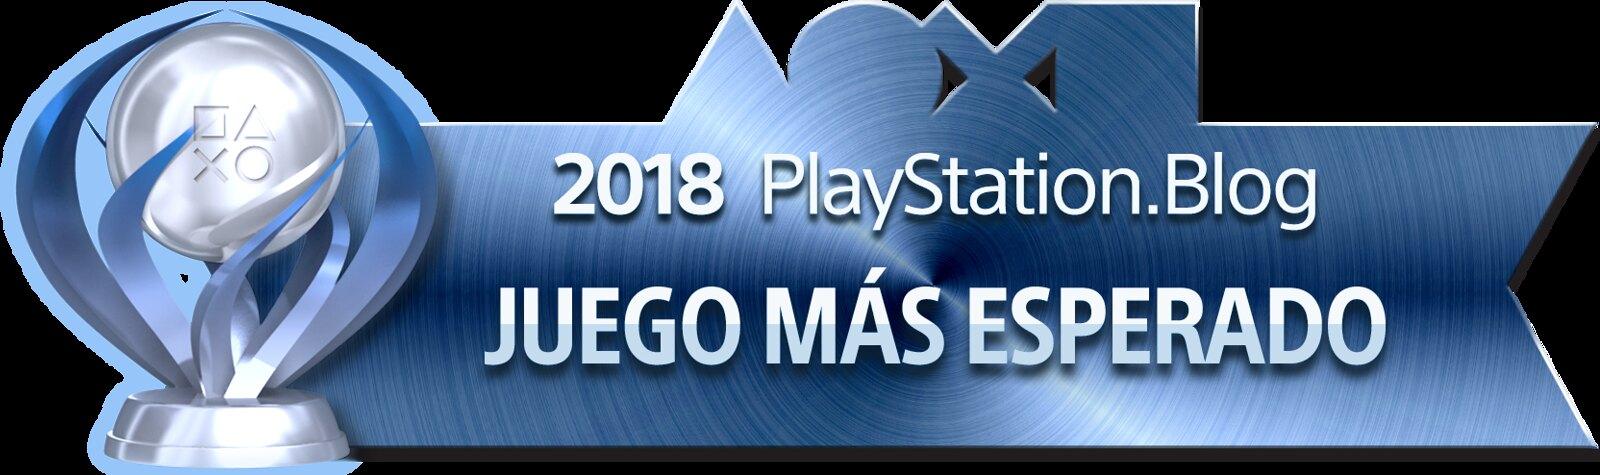 Most Anticipated Game - Platinum